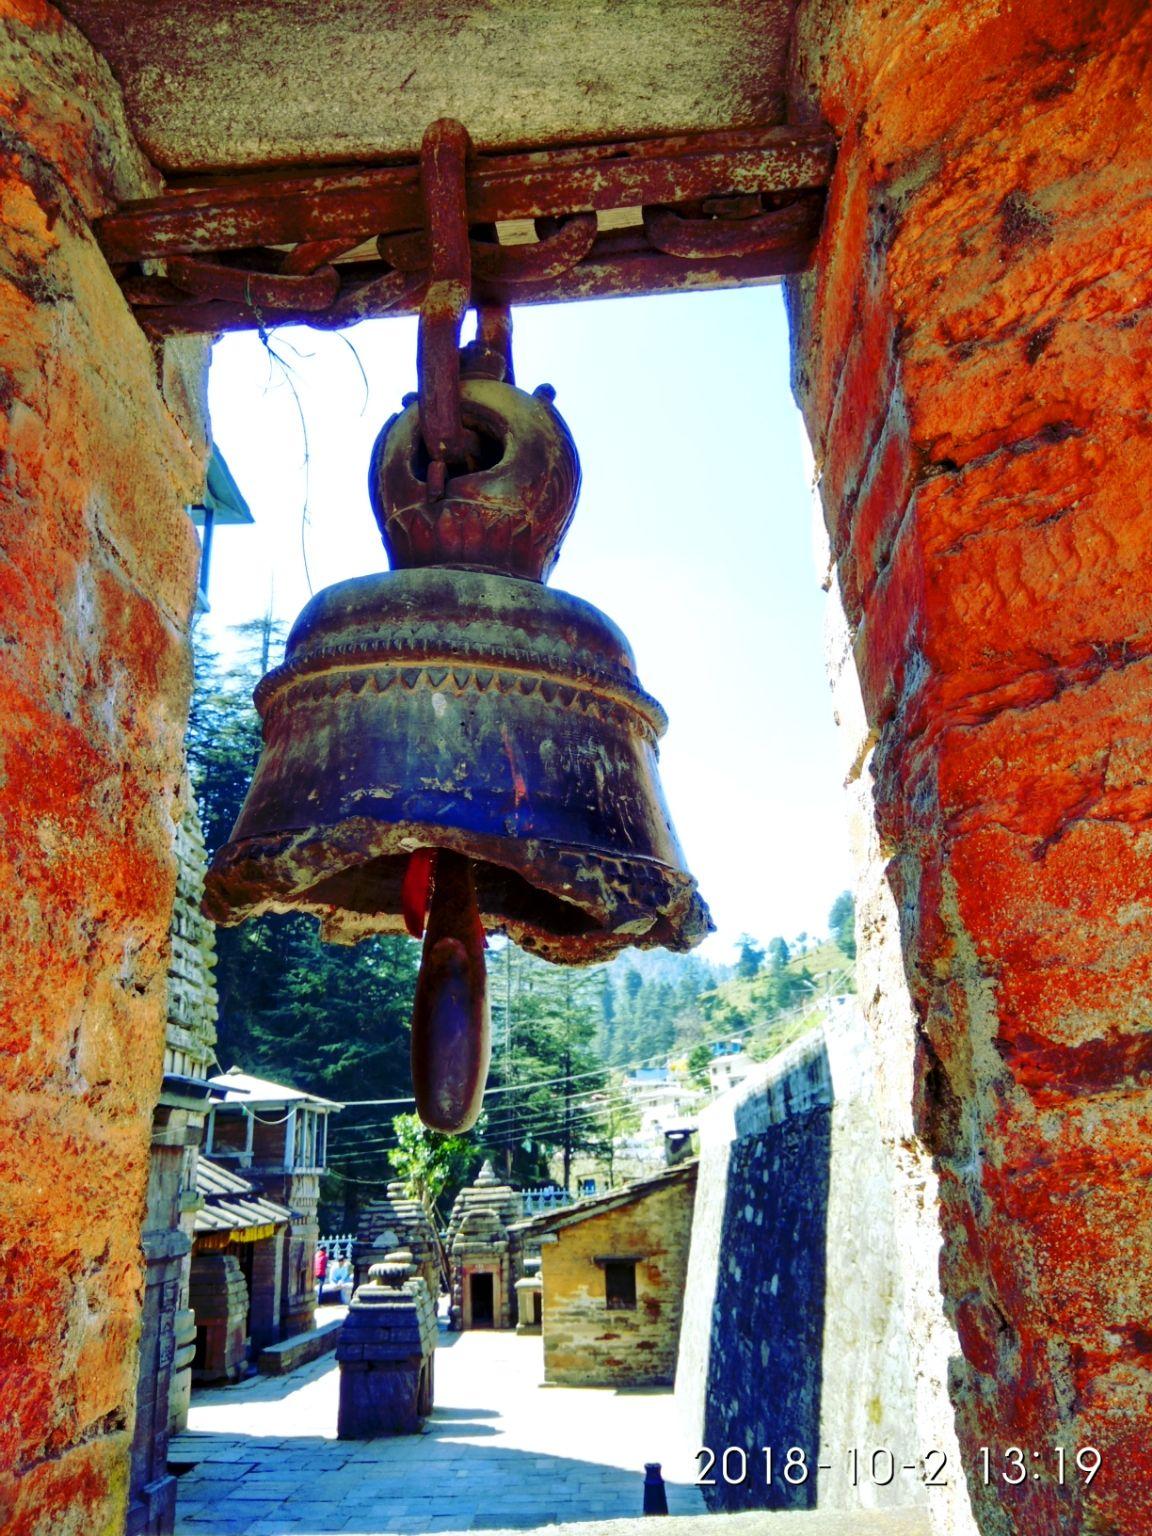 Photo of Vriddha Jageshwar Rd By Rajneesh